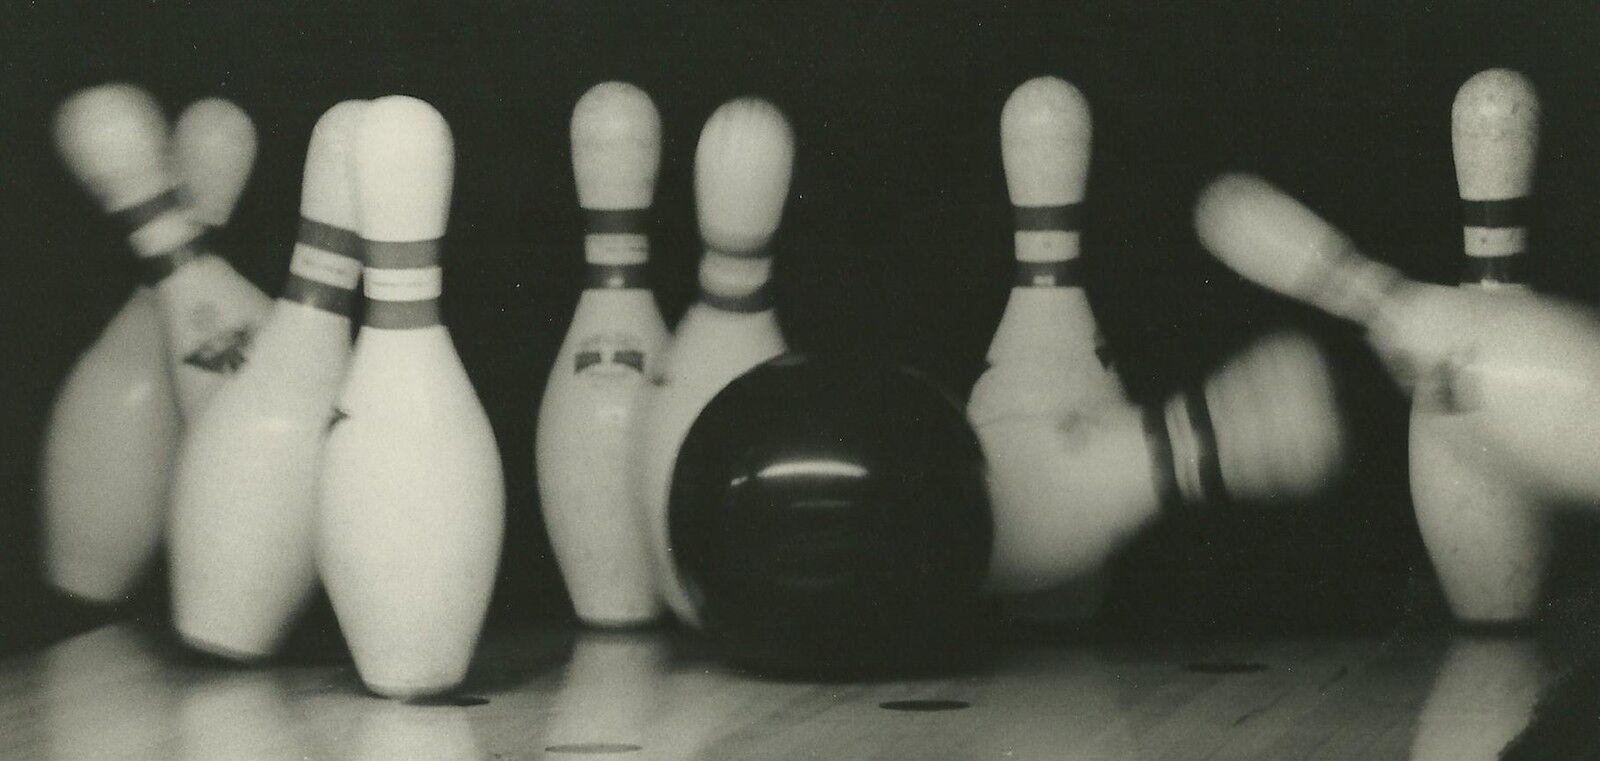 BowlingDynamixProShop